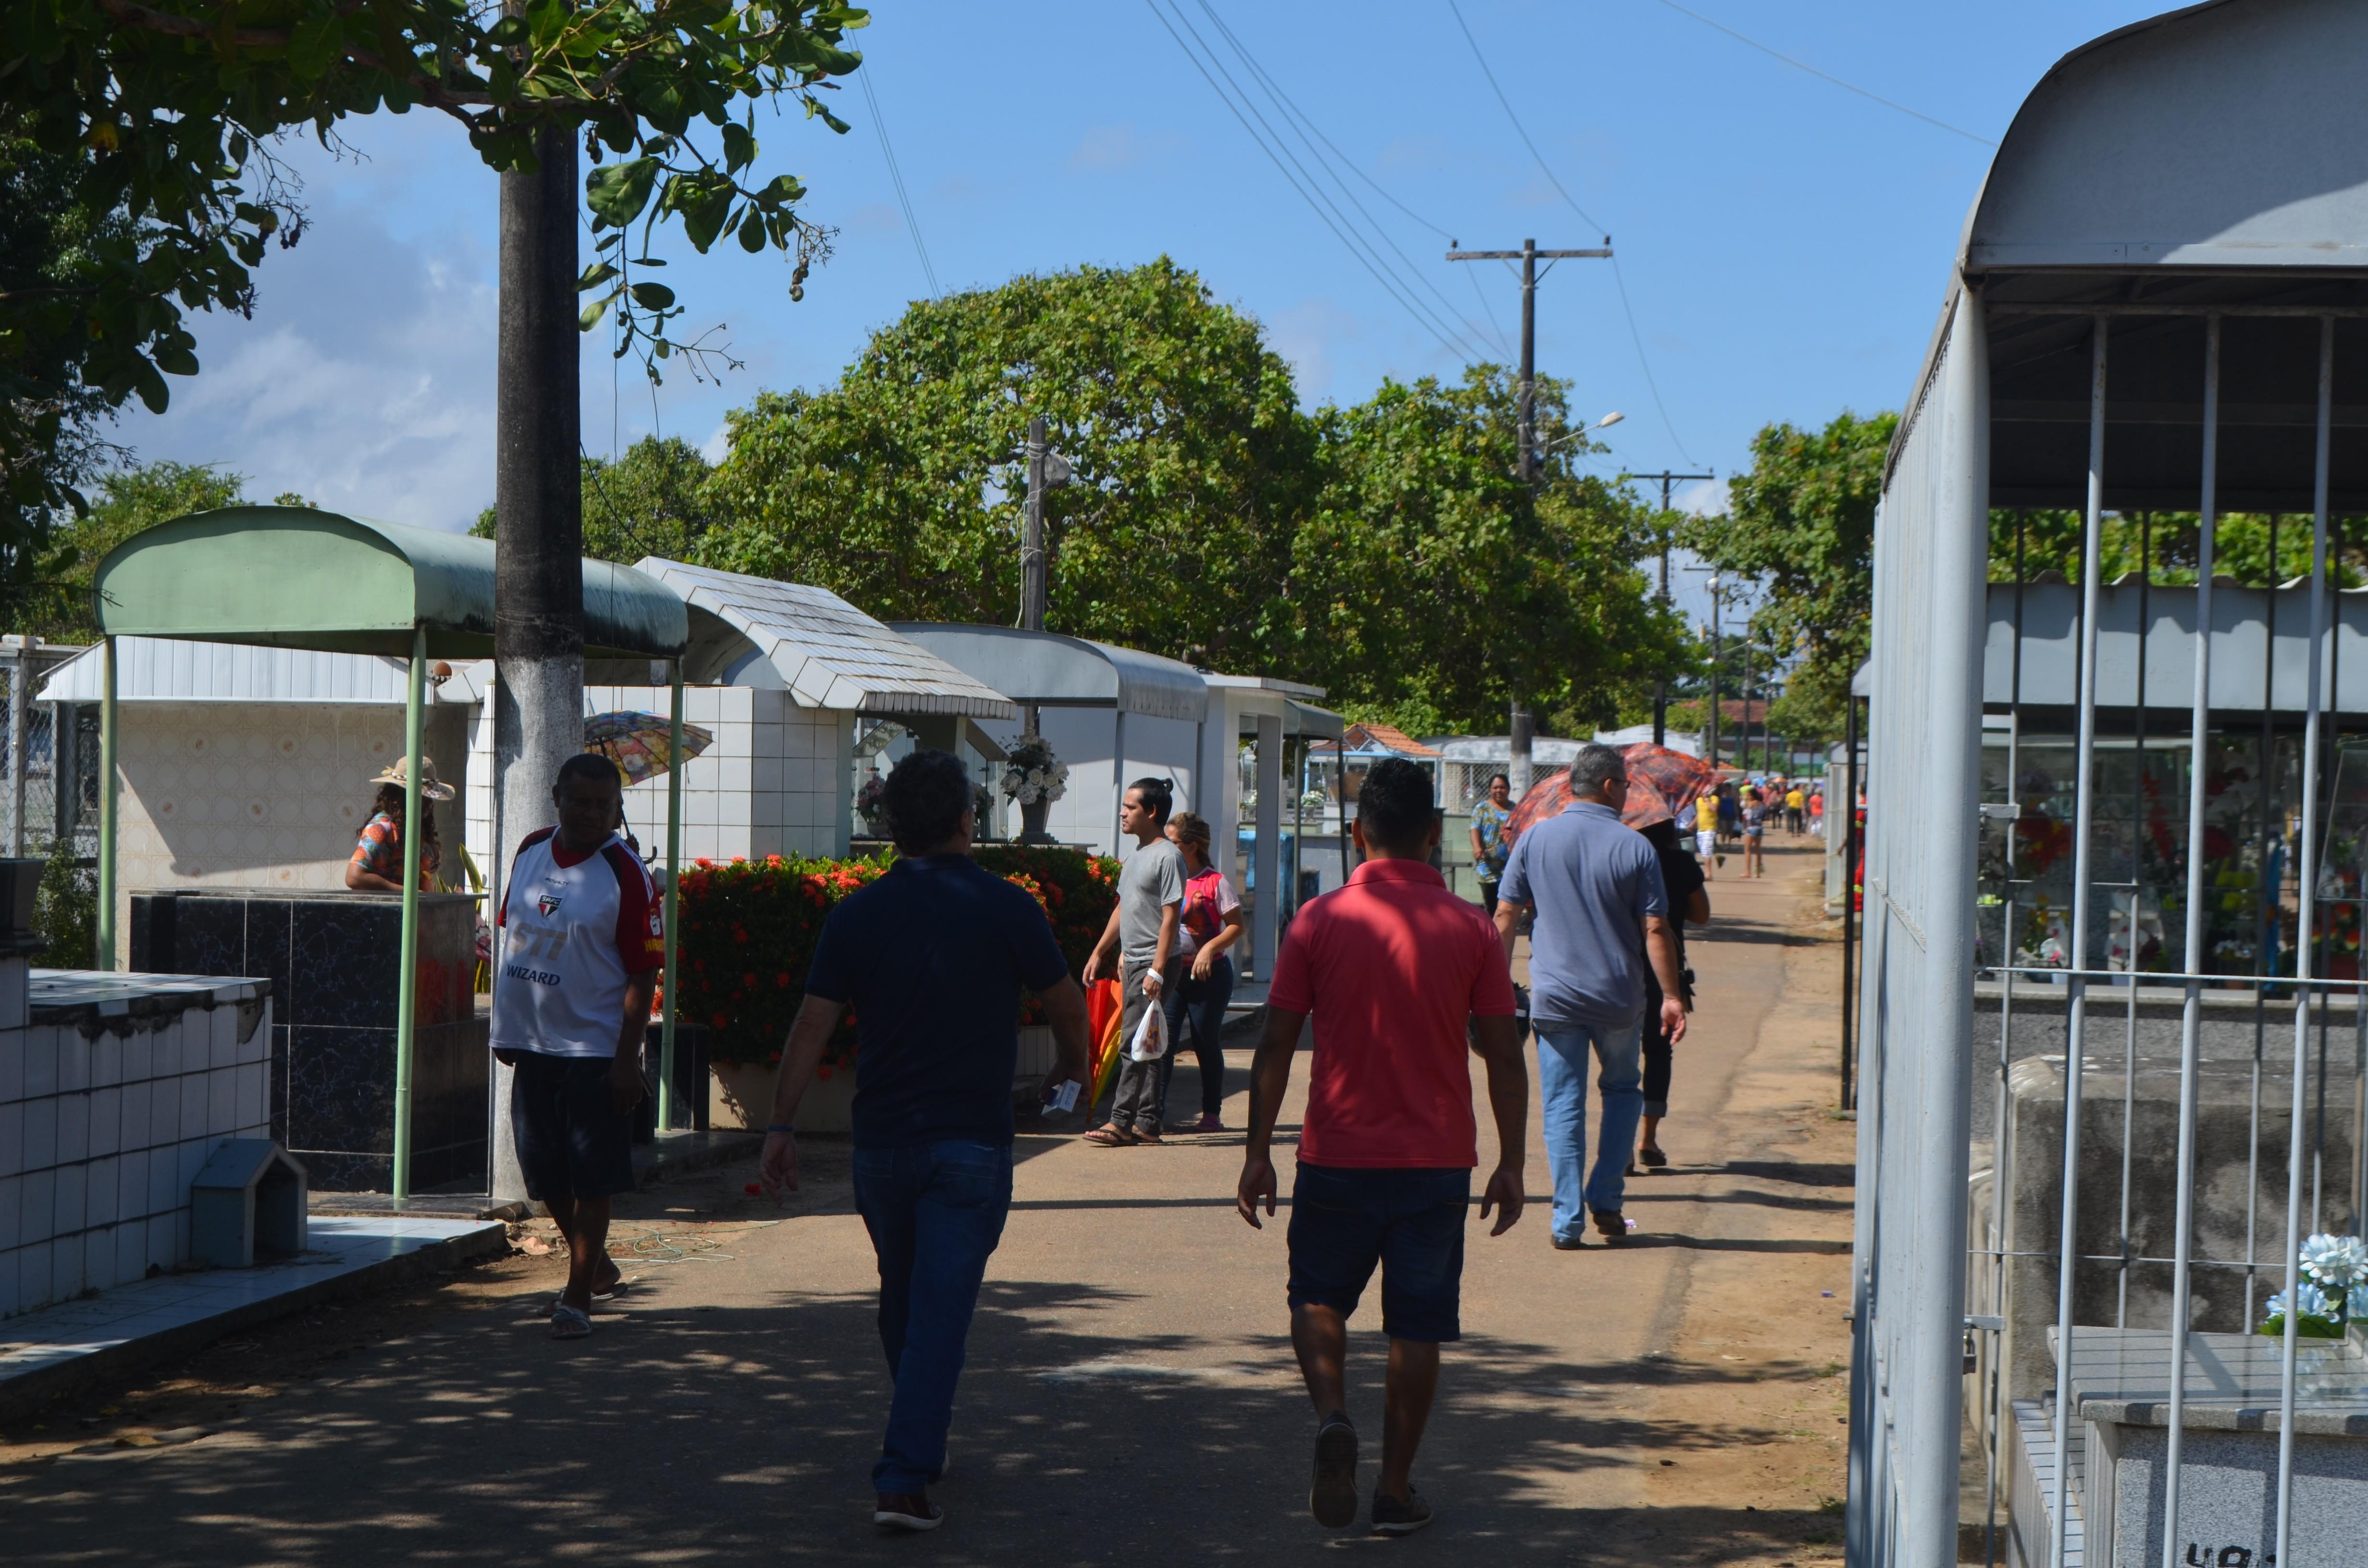 Cemitérios públicos de Macapá vão abrir no Dia dos Pais; visitantes devem seguir protocolo